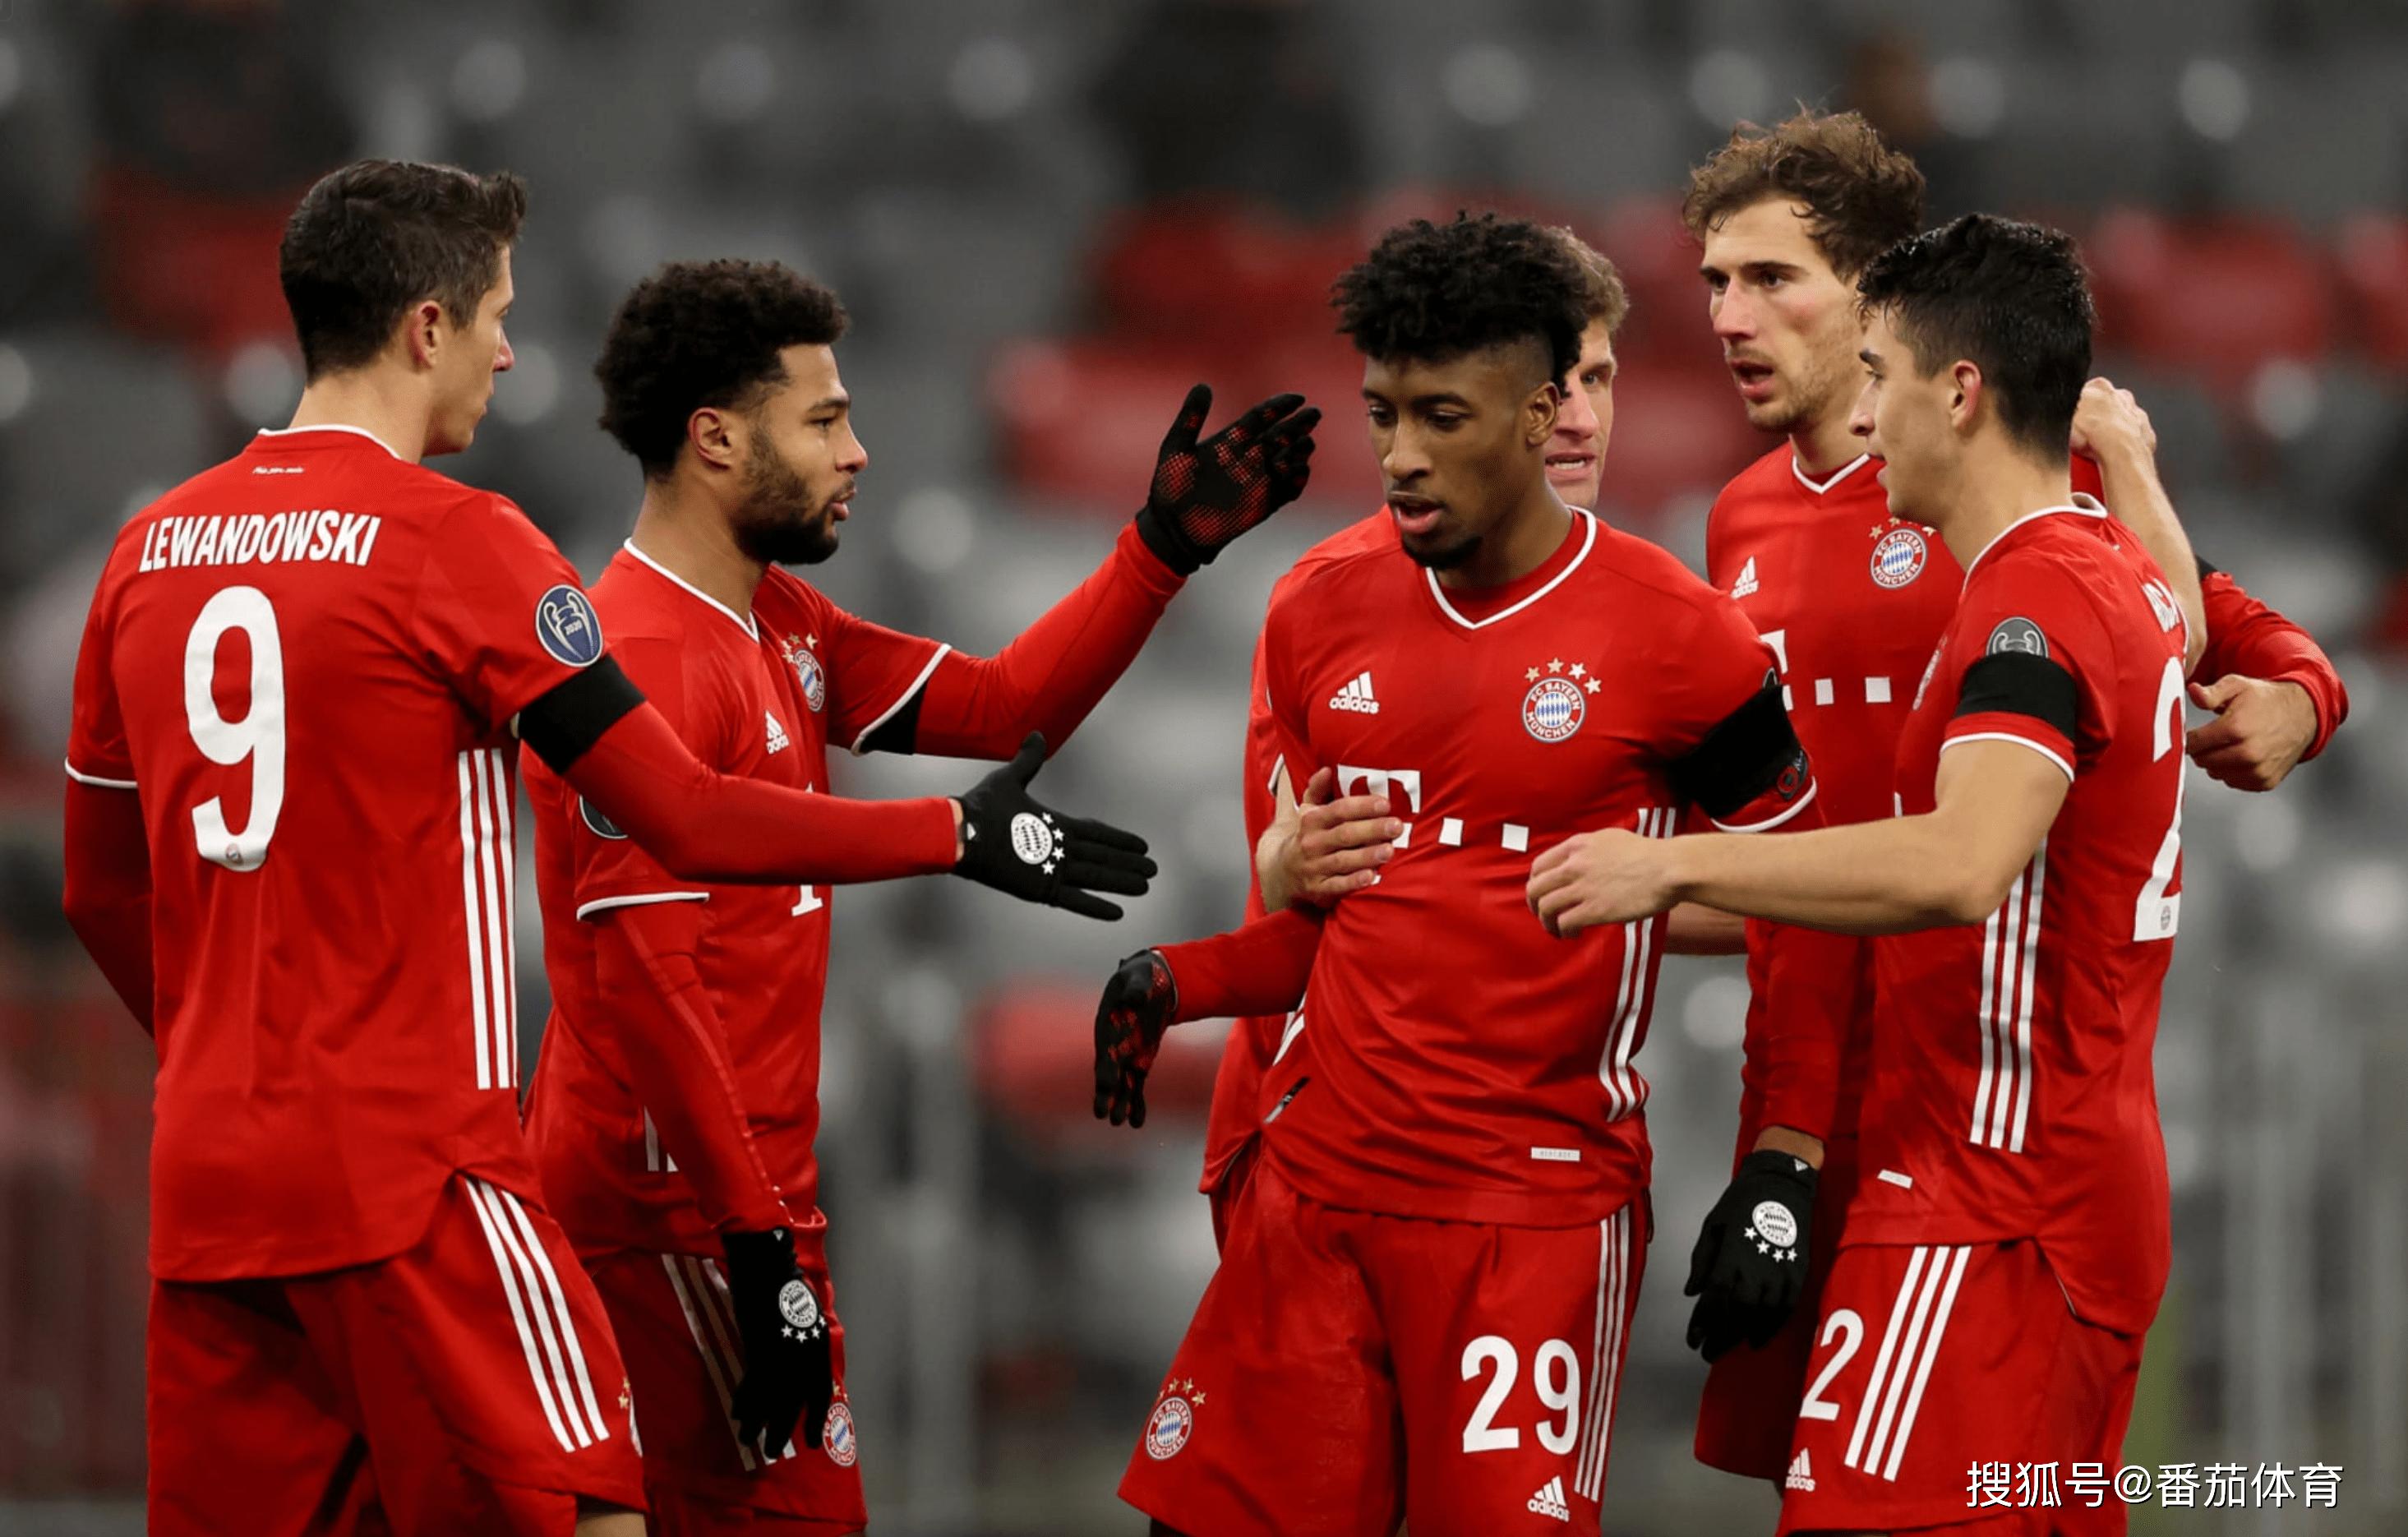 「德甲联赛」斯图加特vs云达不莱梅 赢下三分维持第一